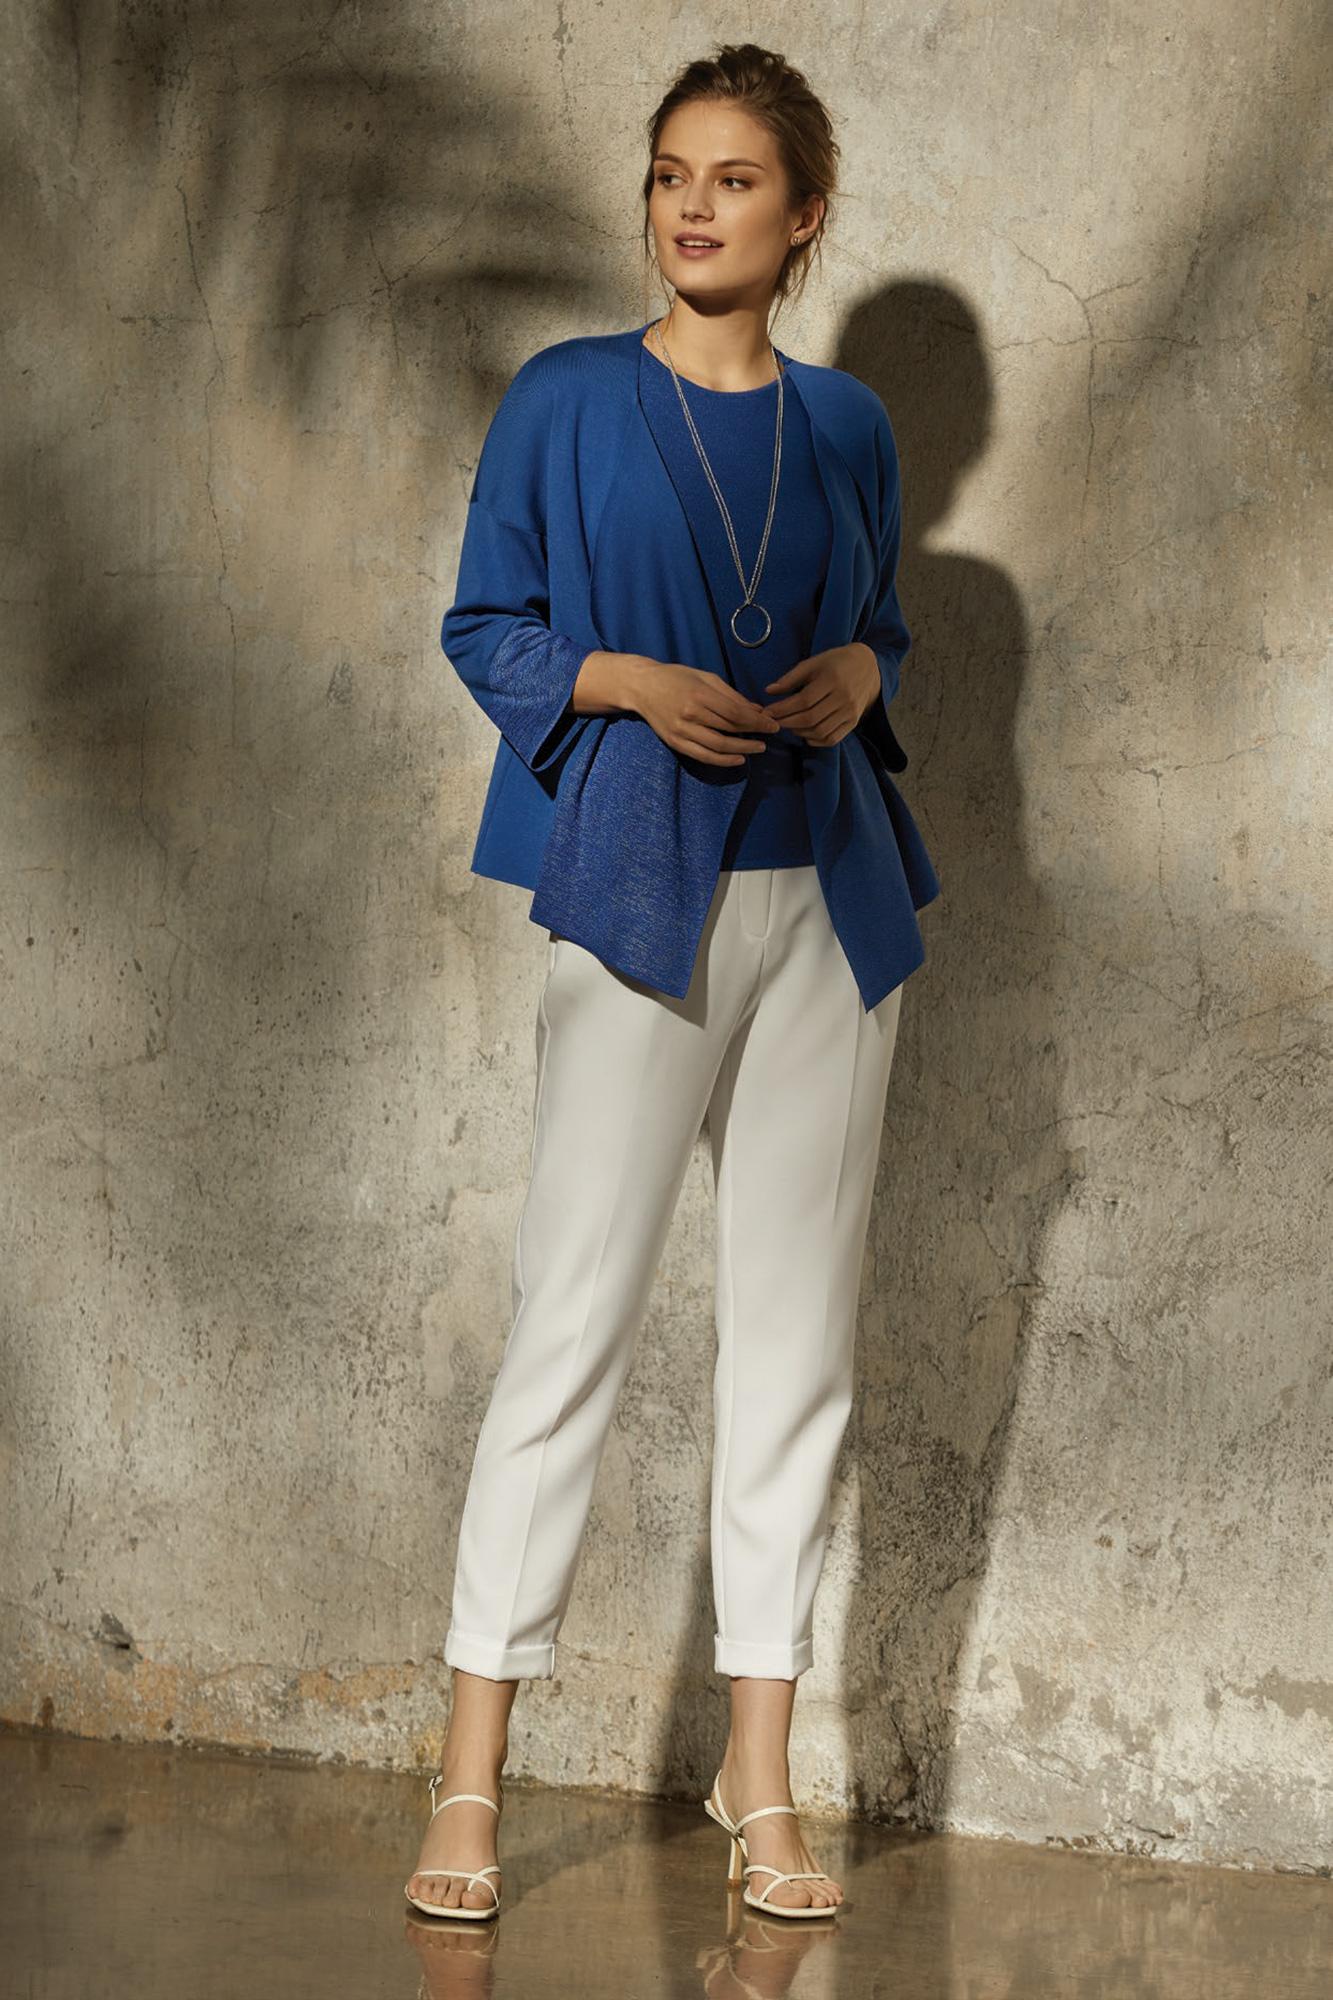 wdzianko tanora, top aida. niebieski sweter, dzianina, sweter, delikatna narzutka, białe spodnie